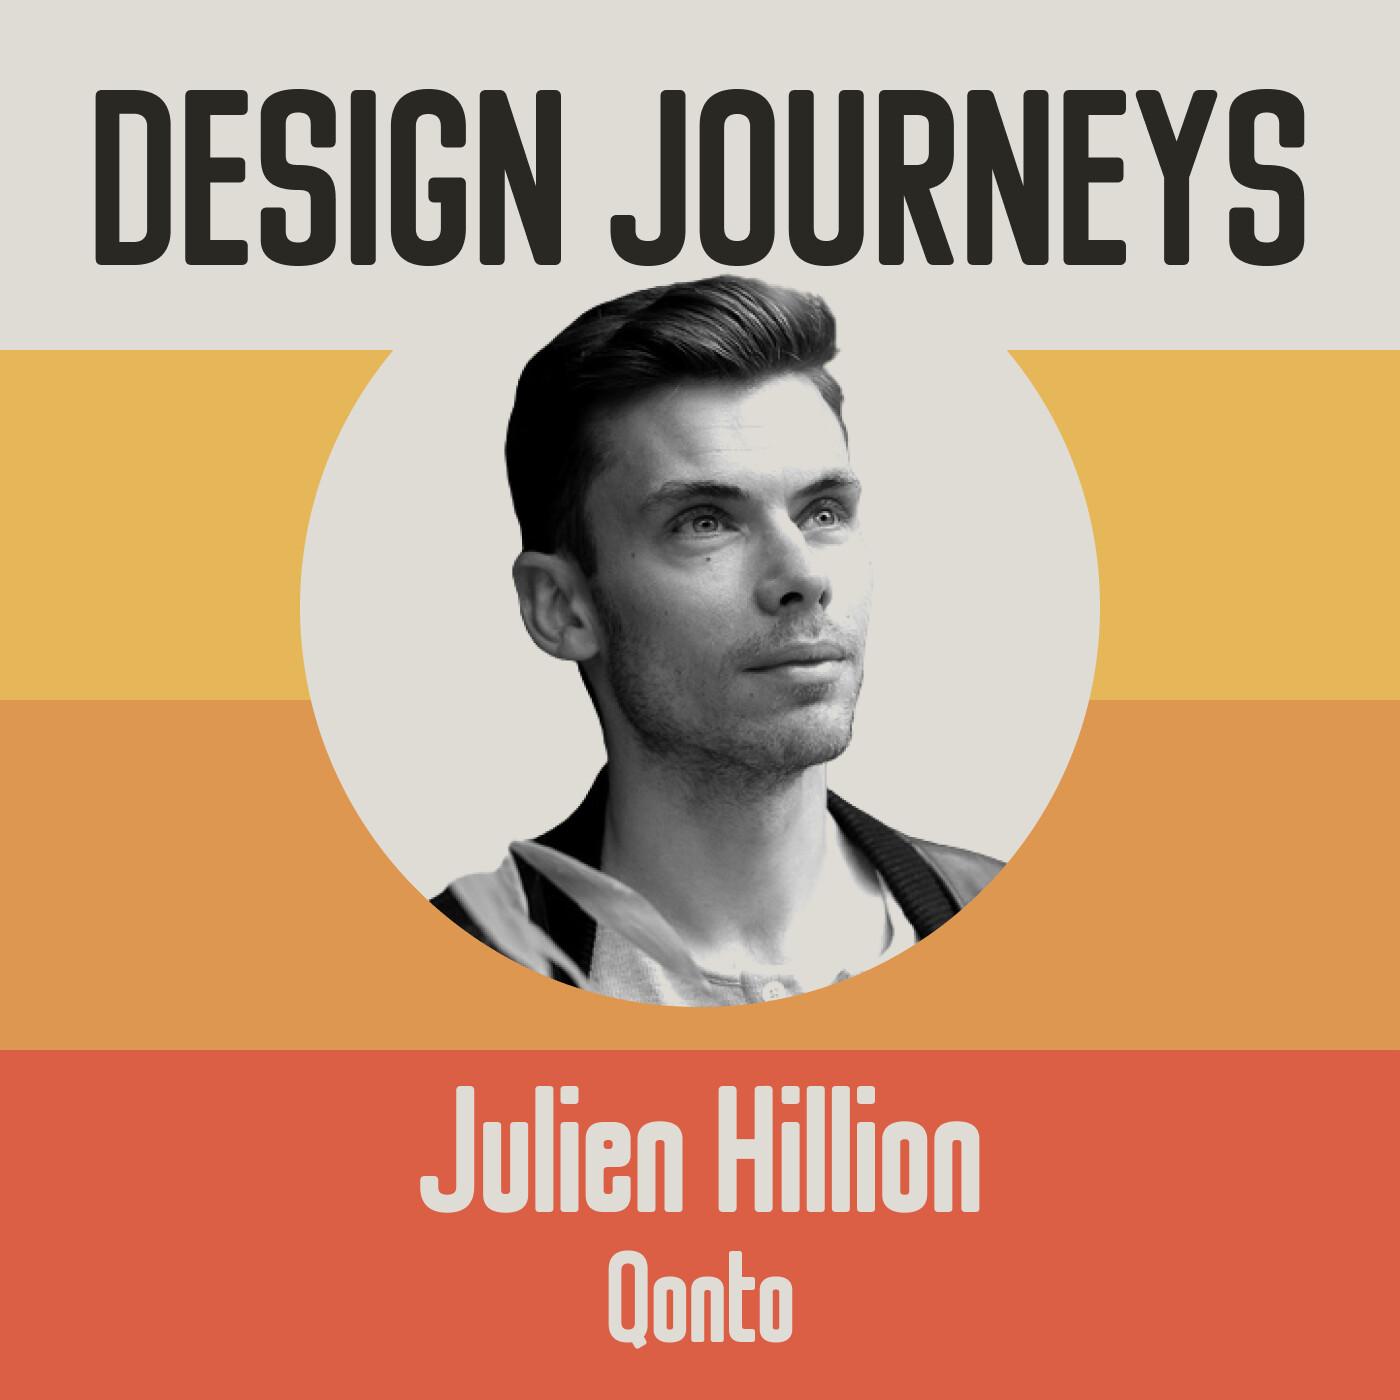 #20 Julien Hillion - Qonto - Réfléchir à sa carrière professionnelle et devenir manager